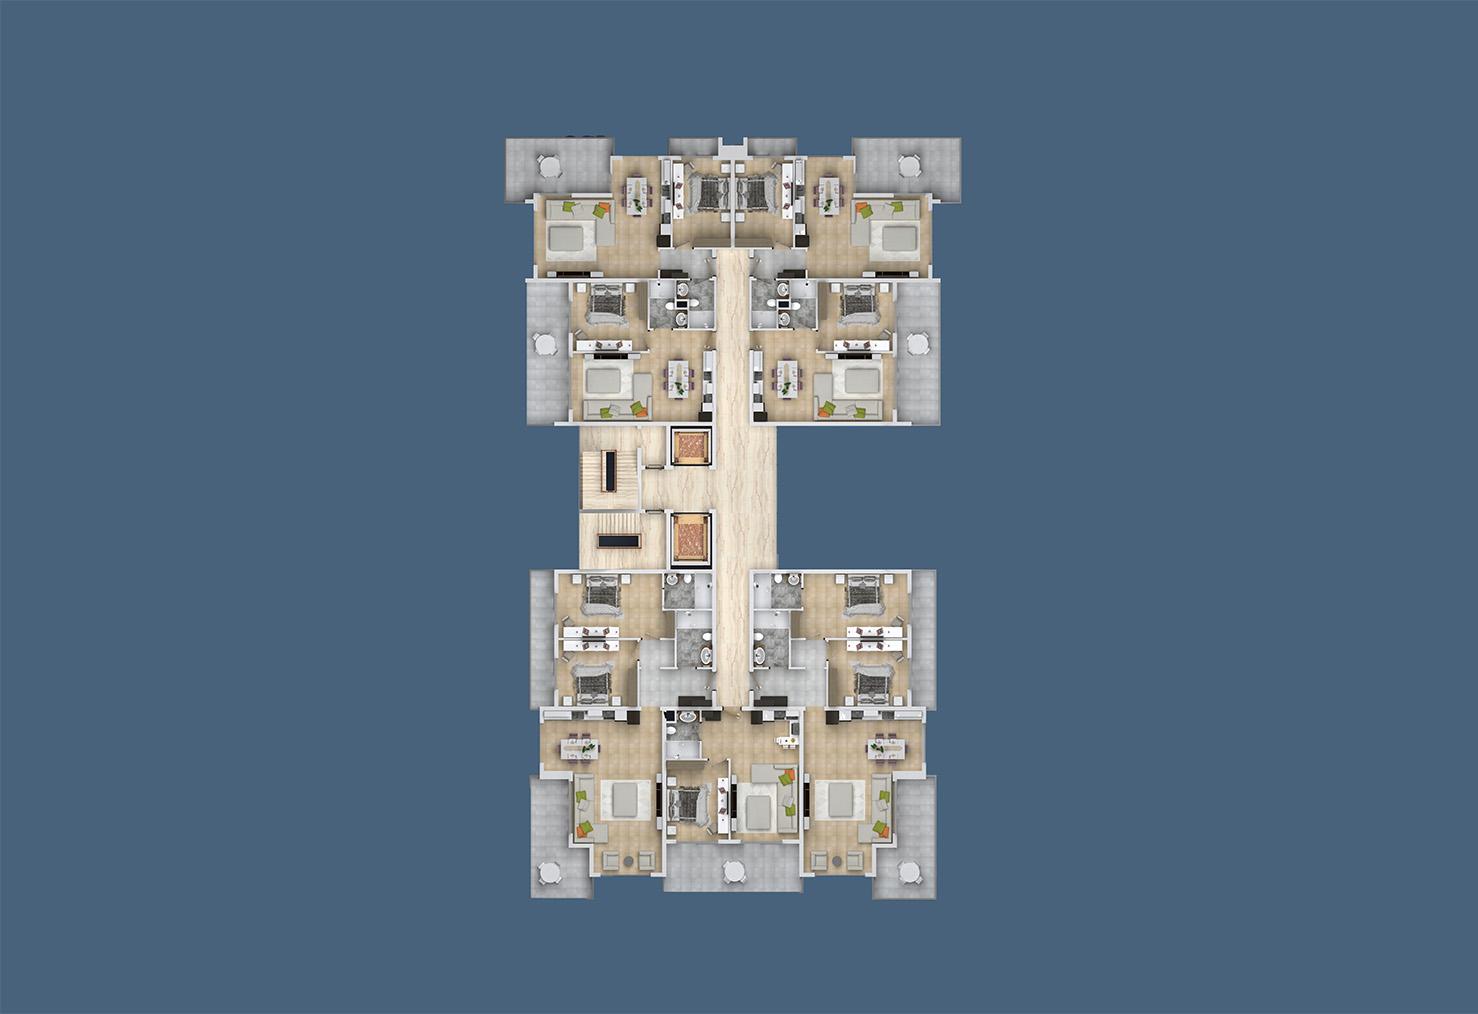 План расположения квартир 11 этаж D Yekta Kingdom Trade Center